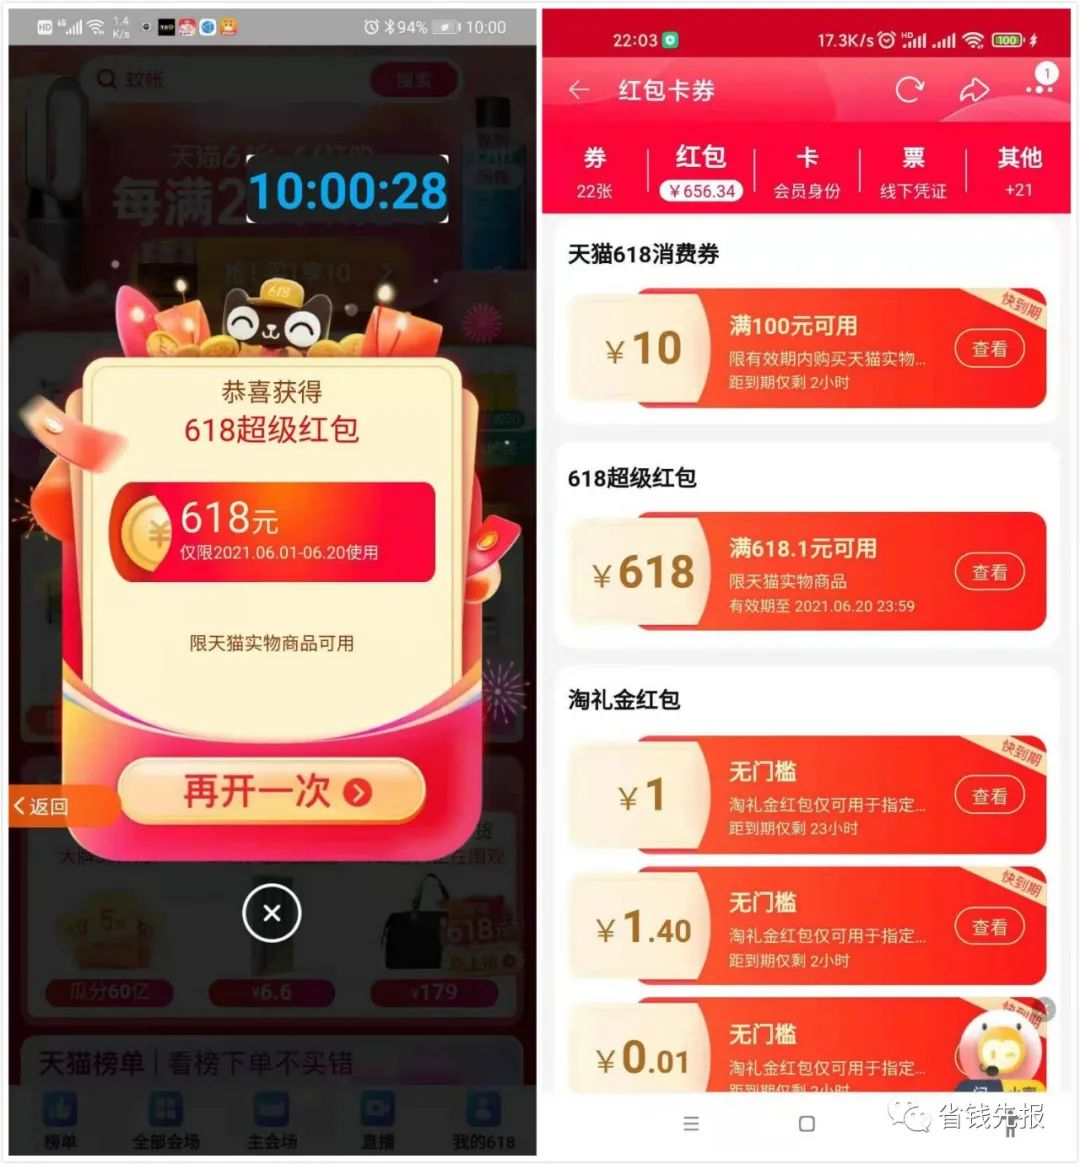 微信立减金5元中信银行活动!